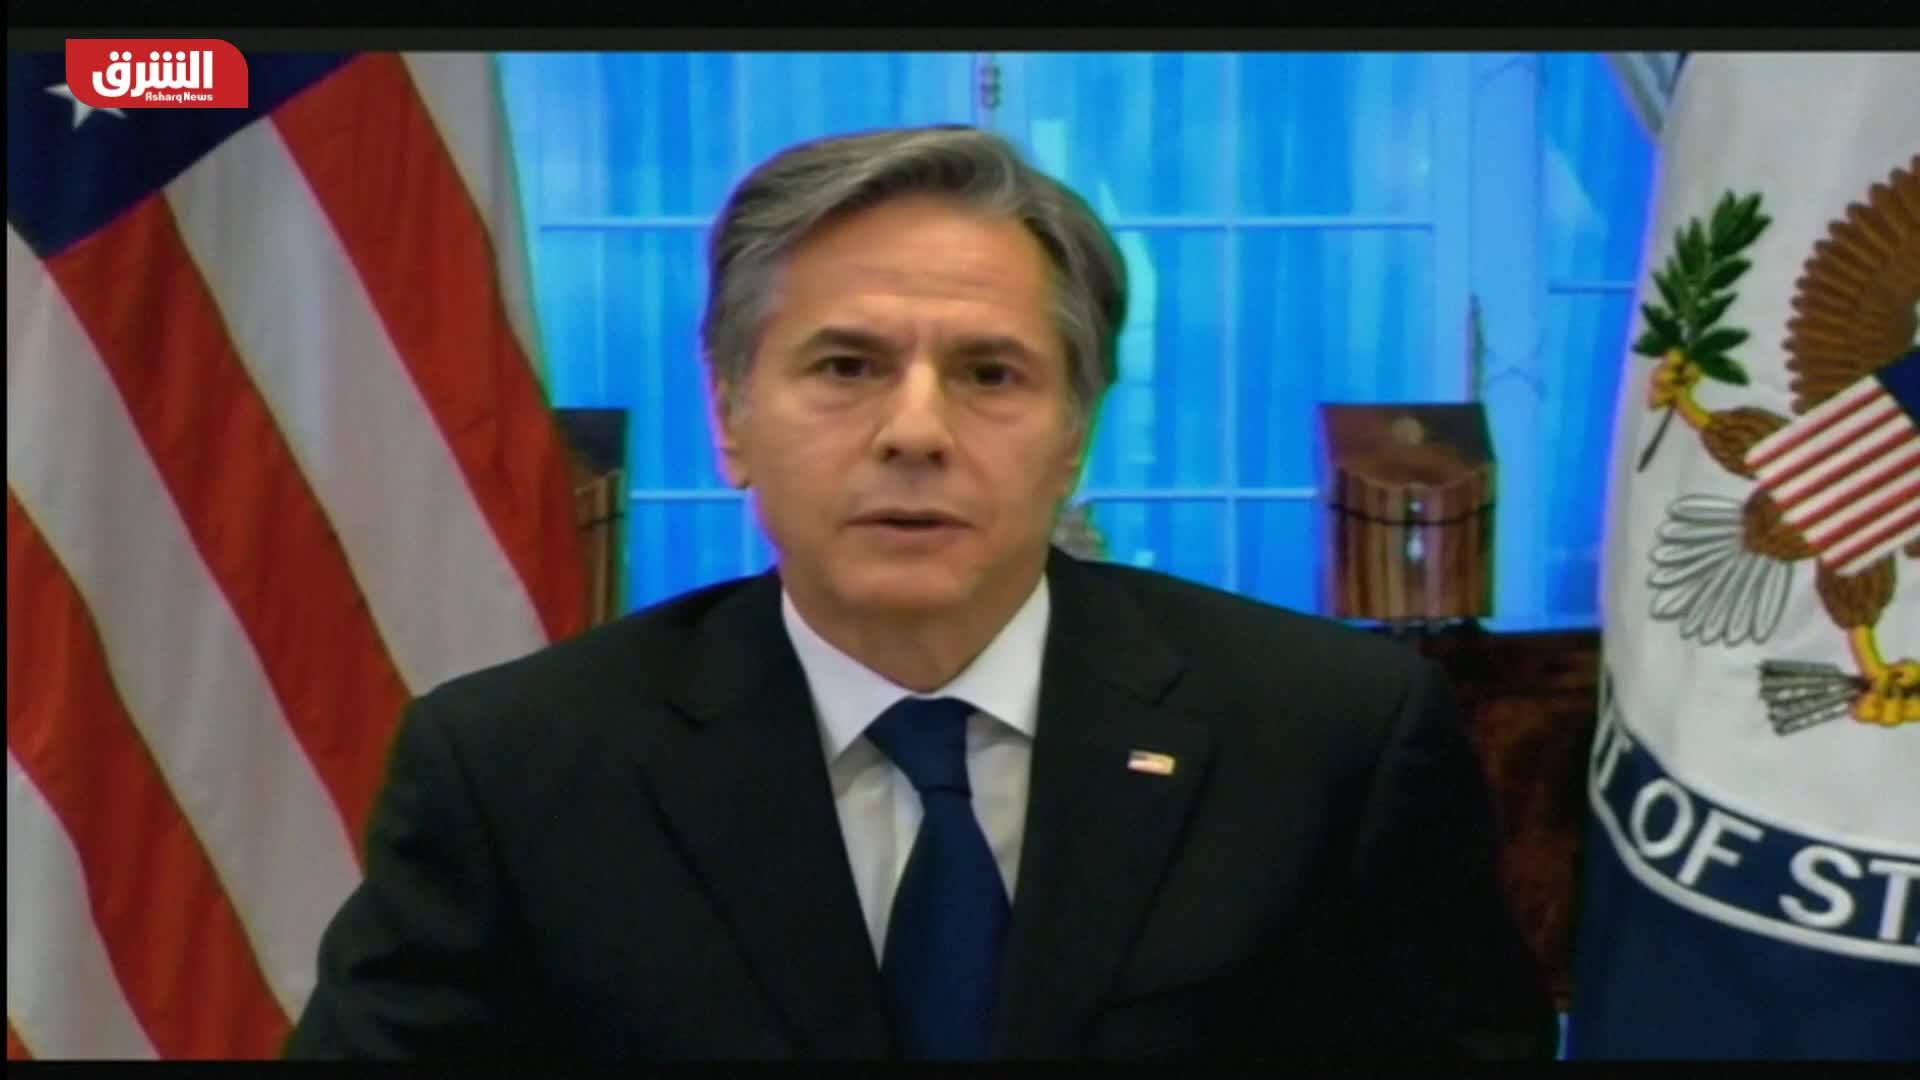 بلينكن يدلي بشهادته أمام الكونغرس بشأن الانسحاب من أفغانستان